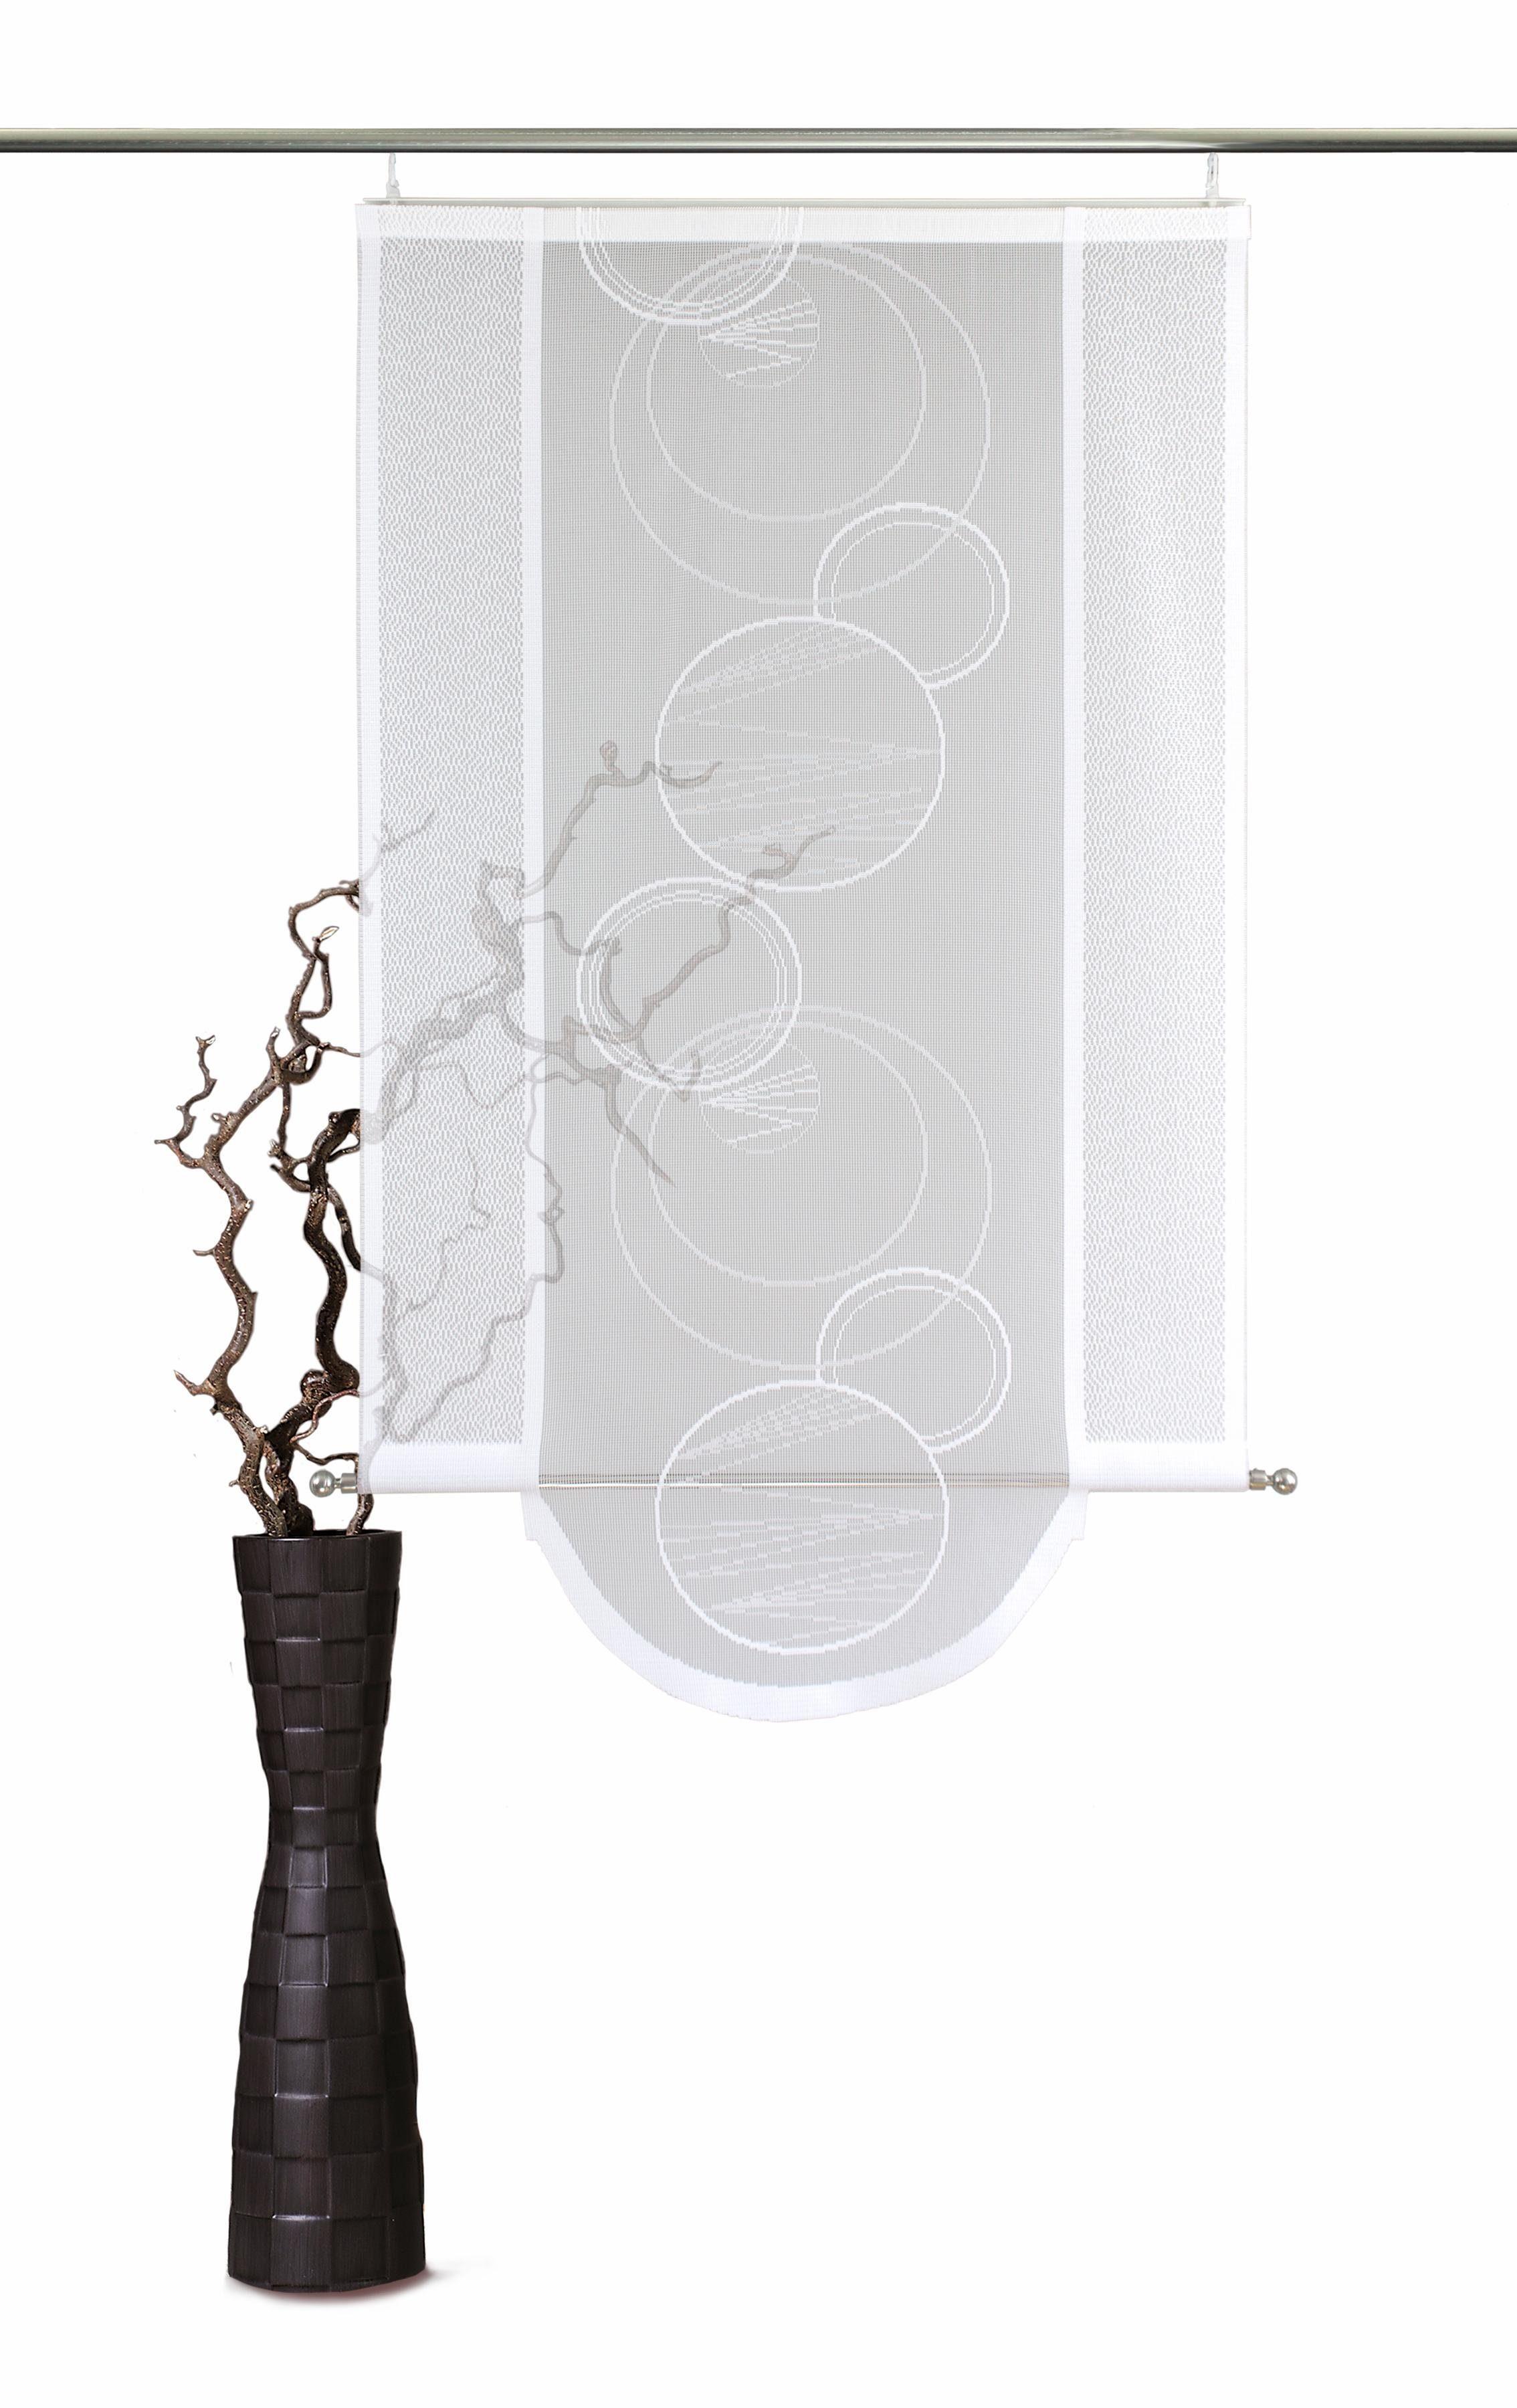 Schiebegardine »Aura«, VHG, Klettband (1 Stück), inkl. Befestigungszubehör, Bogenabschluss